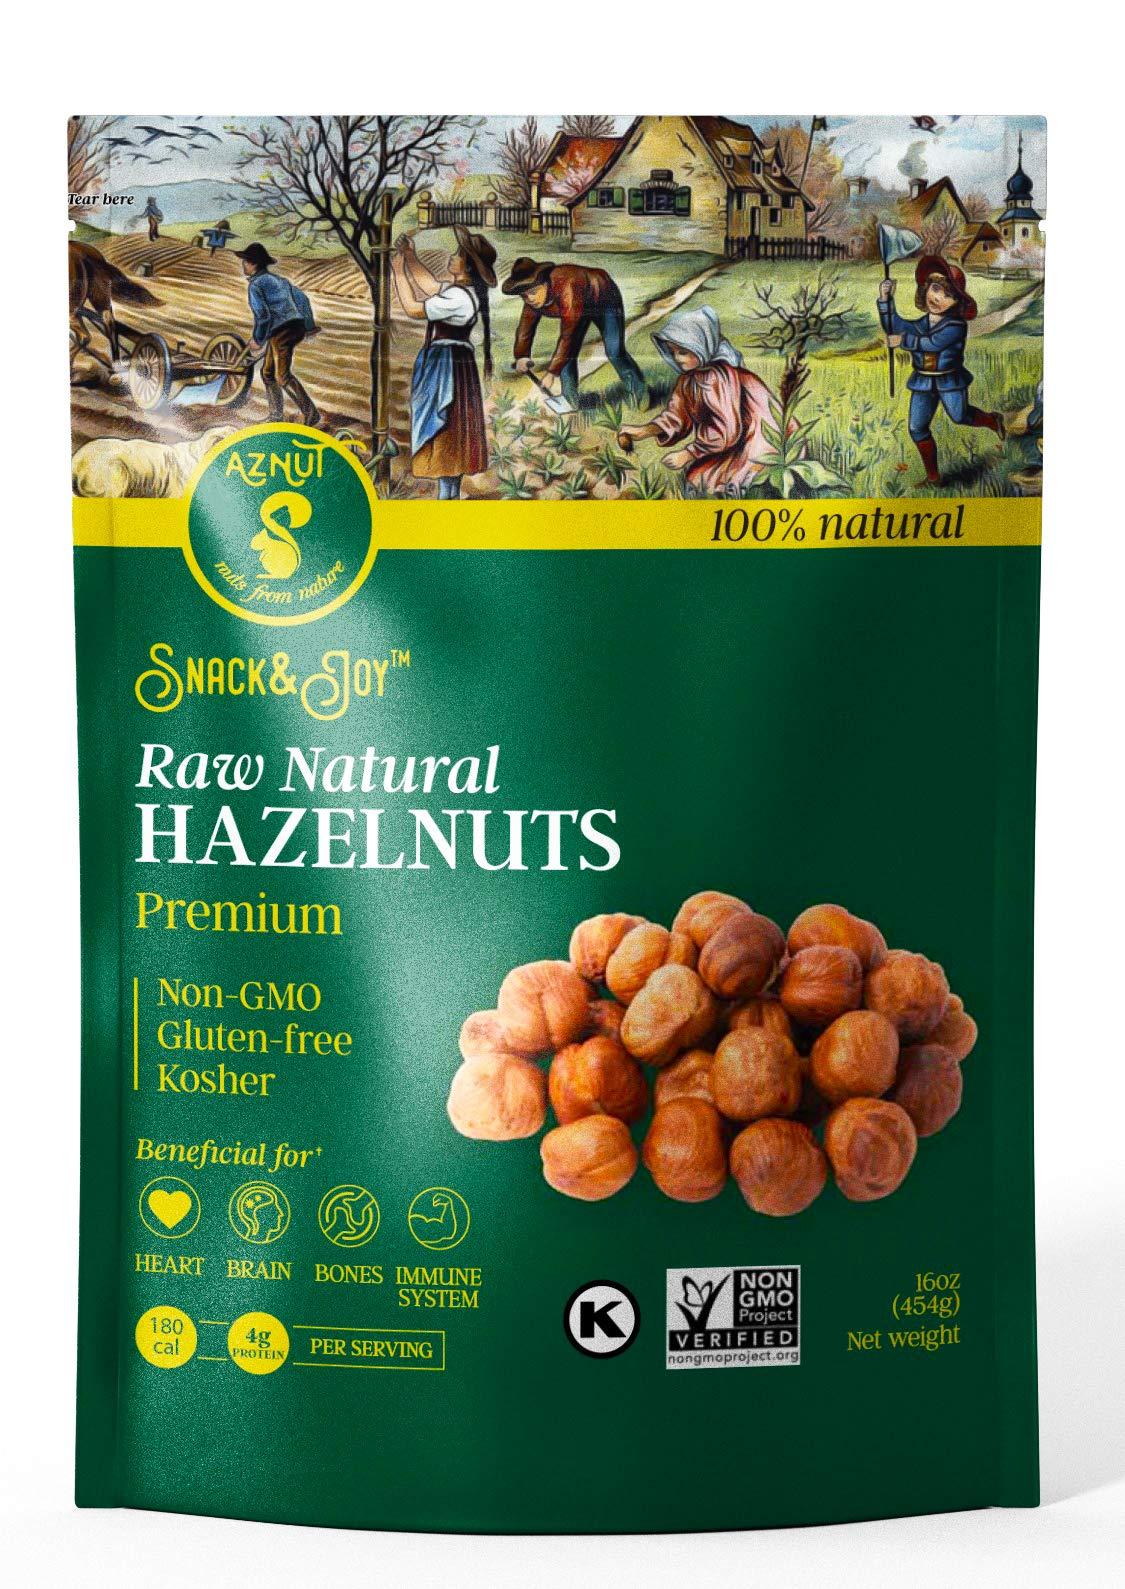 AZNUT Raw Hazelnuts Natural Non-GMO Certified,Kosher Certified, Resealable Bag 8 oz by AZNUT